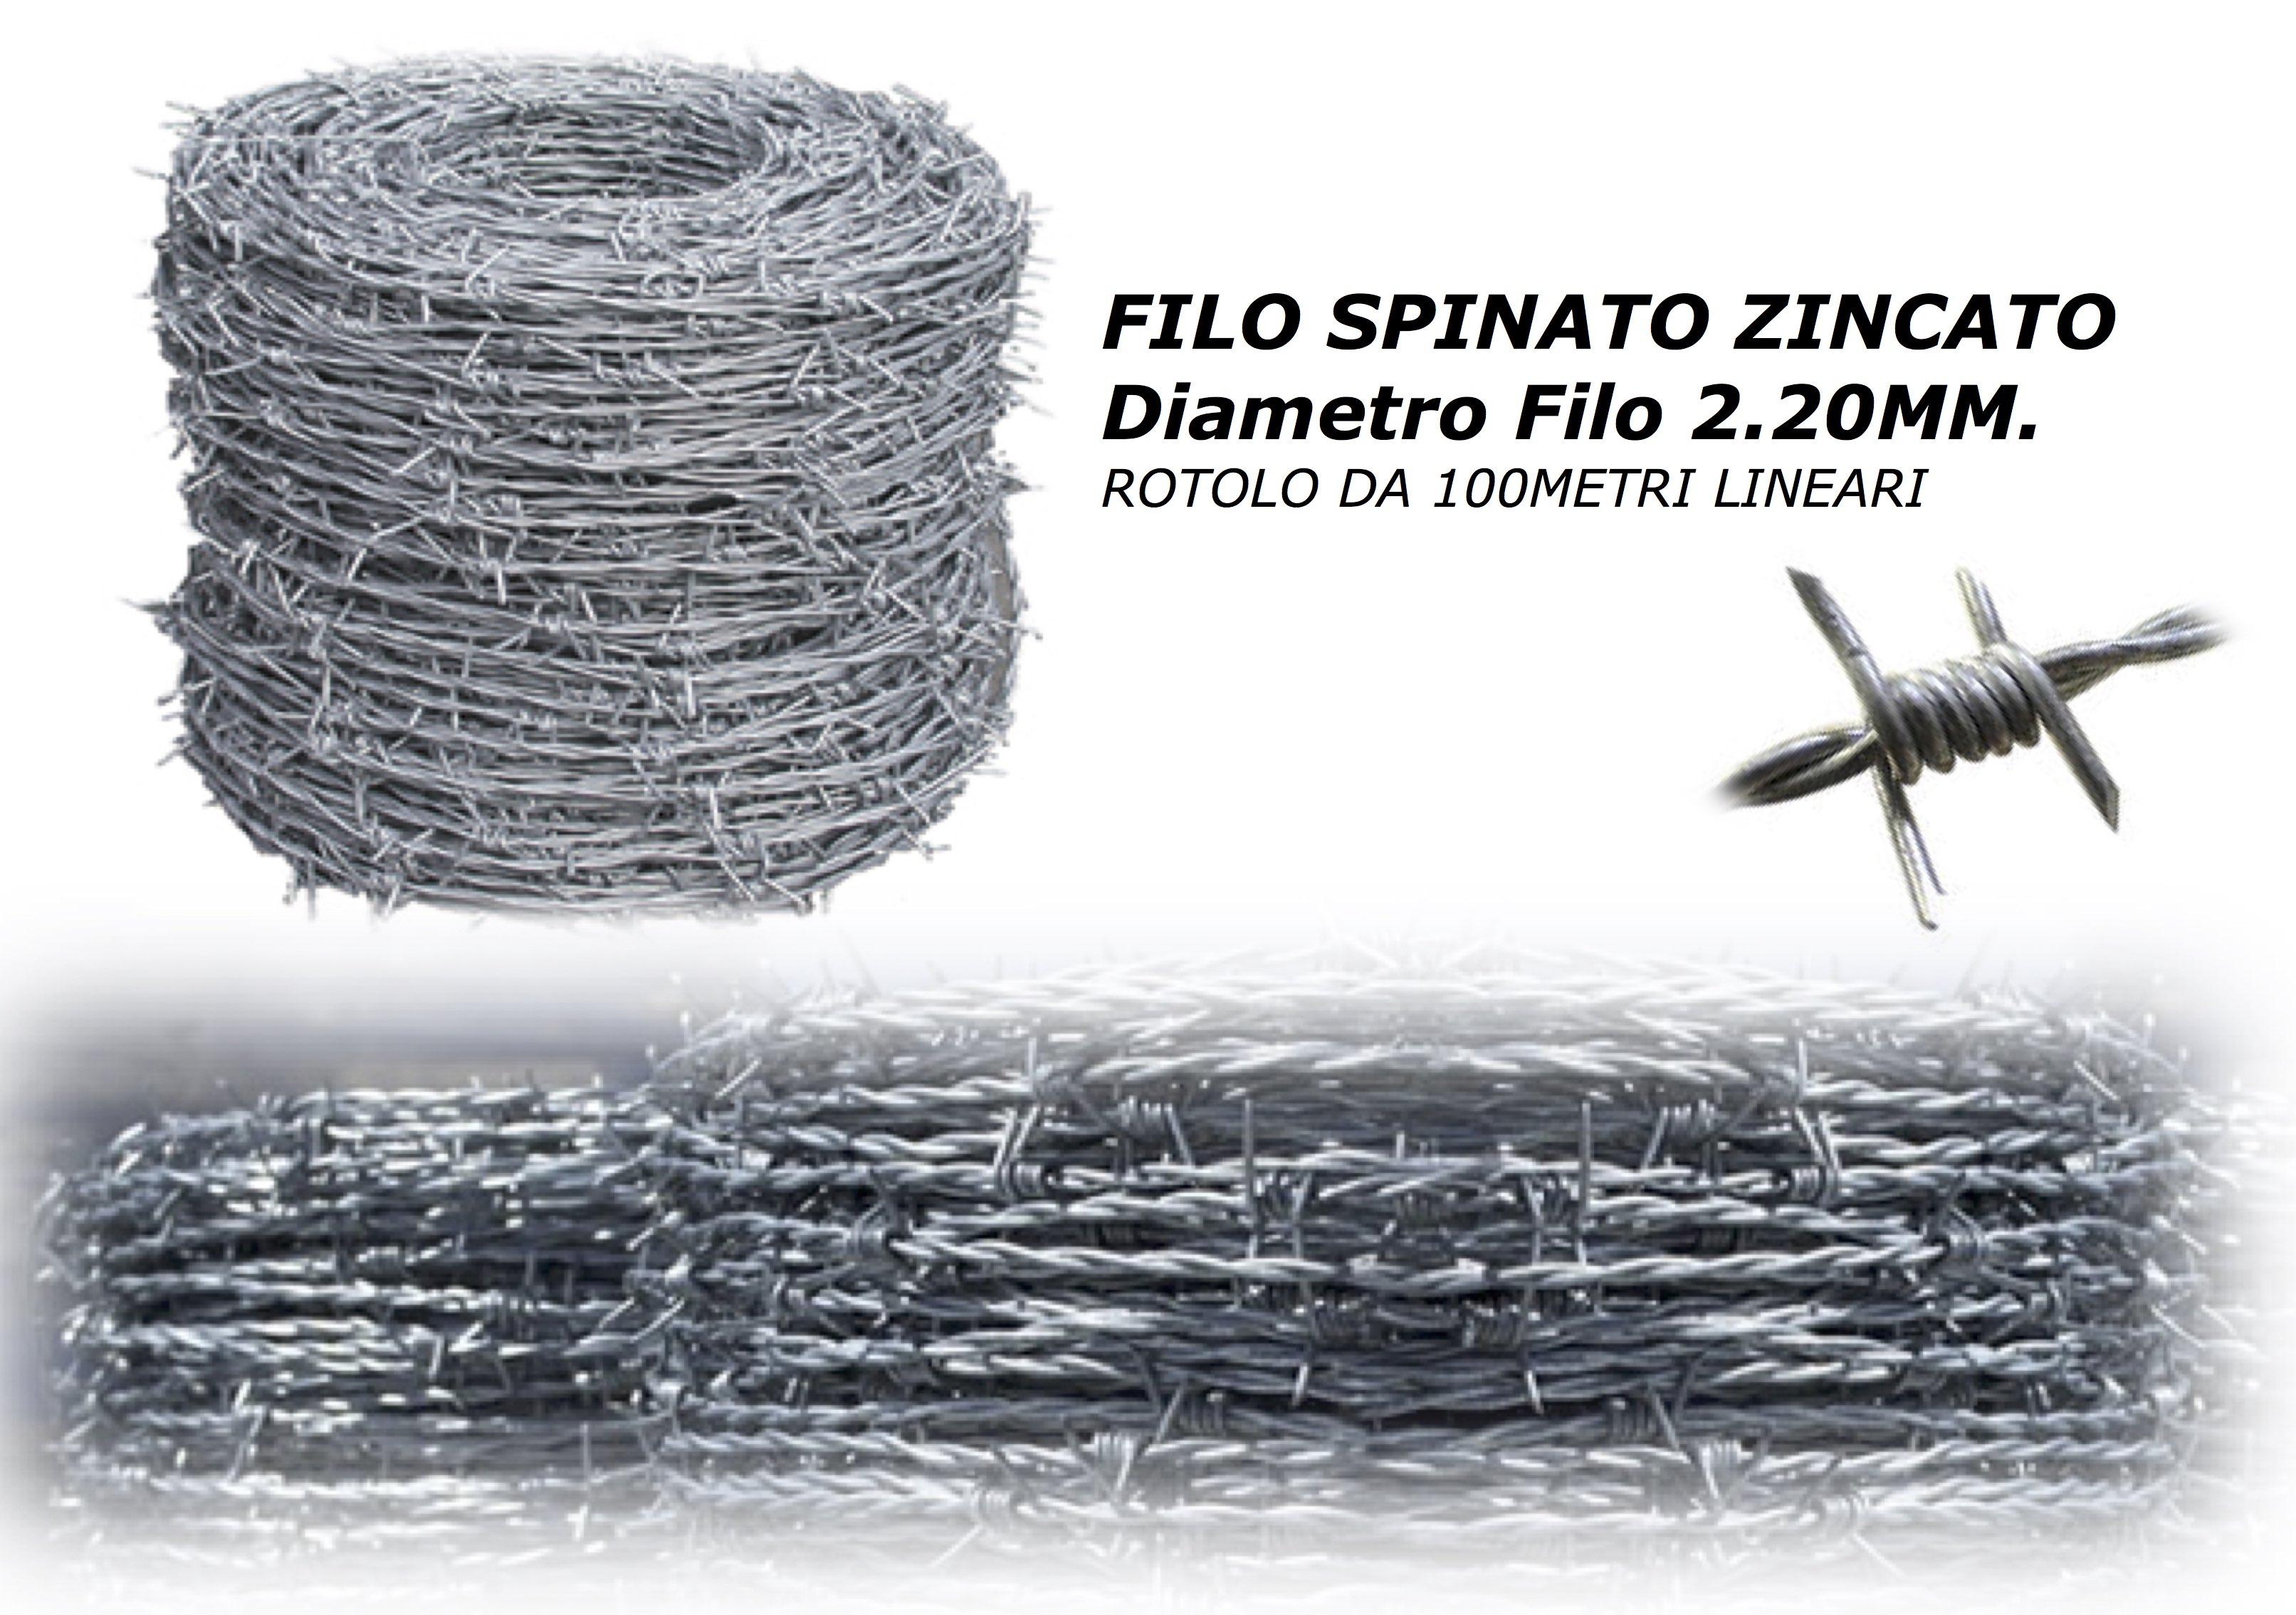 filo spinato zincato